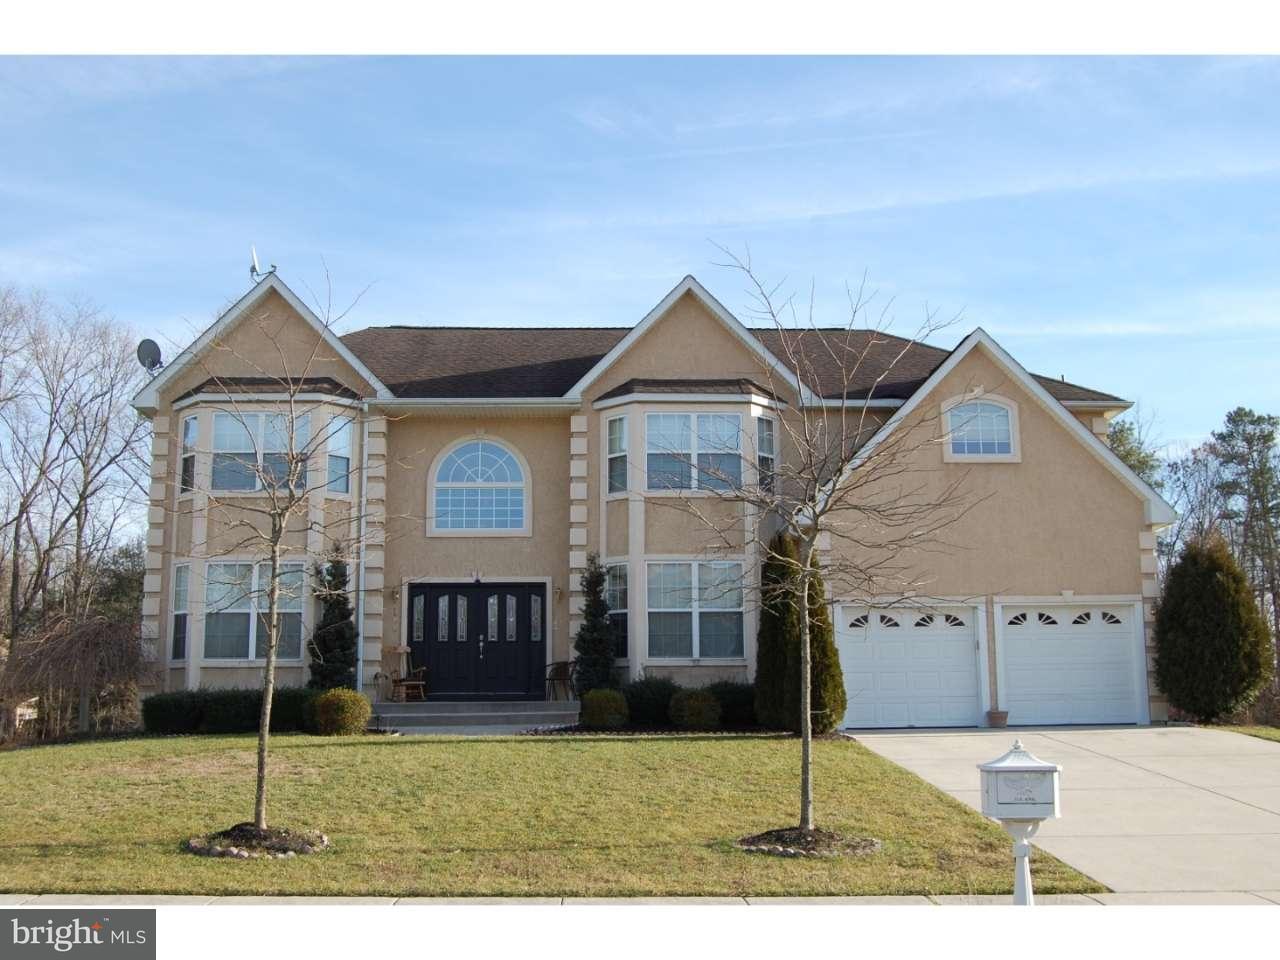 Vivienda unifamiliar por un Venta en 155 BLUE MEADOW Lane Winslow, Nueva Jersey 08081 Estados Unidos